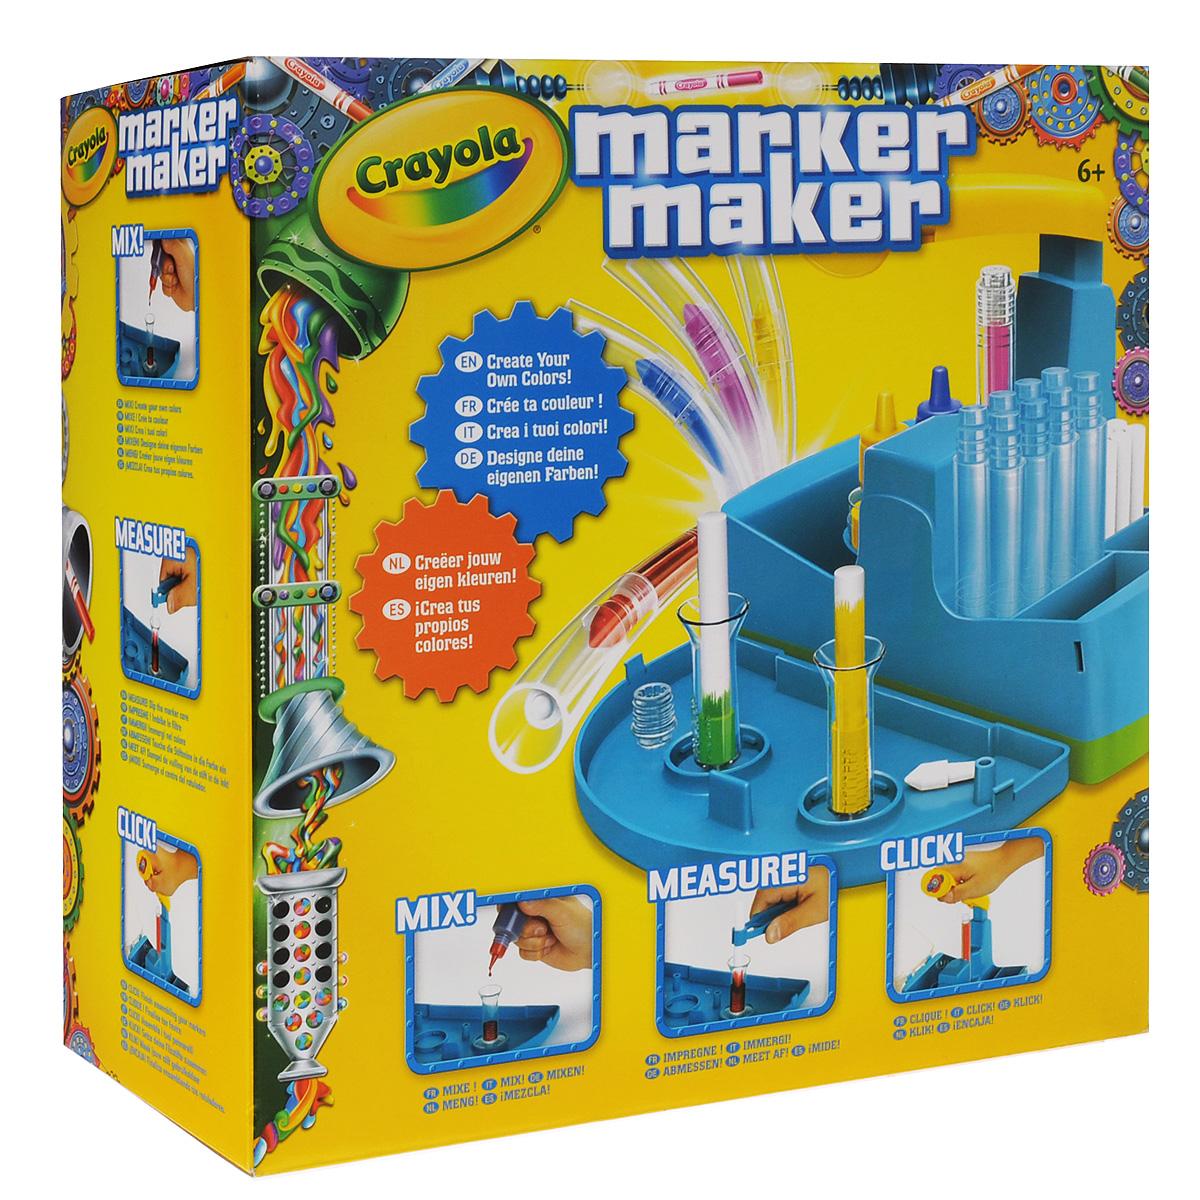 Набор для изготовления фломастеров Crayola Мастер-фломастер74-7054Уникальный набор Crayola Мастер-фломастер представляет собой миниатюрную фабрику по производству фломастеров. Ваш ребенок собственными руками сможет создать фломастер с нужным ему цветом, а инструкция по смешиванию цветов, входящая в комплект, поможет ему в этом. Всего в наборе 16 комплектов деталей фломастеров. В них входит все необходимое для работы - корпусы, наконечники, заглушки, стрежни, колпачки и стикеры. Также в комплекте 3 баночки с чернилами, две колбы для смешивания, две колбы для хранения готовых фломастеров и пинцет. Рекомендуется для детей от 8 лет.